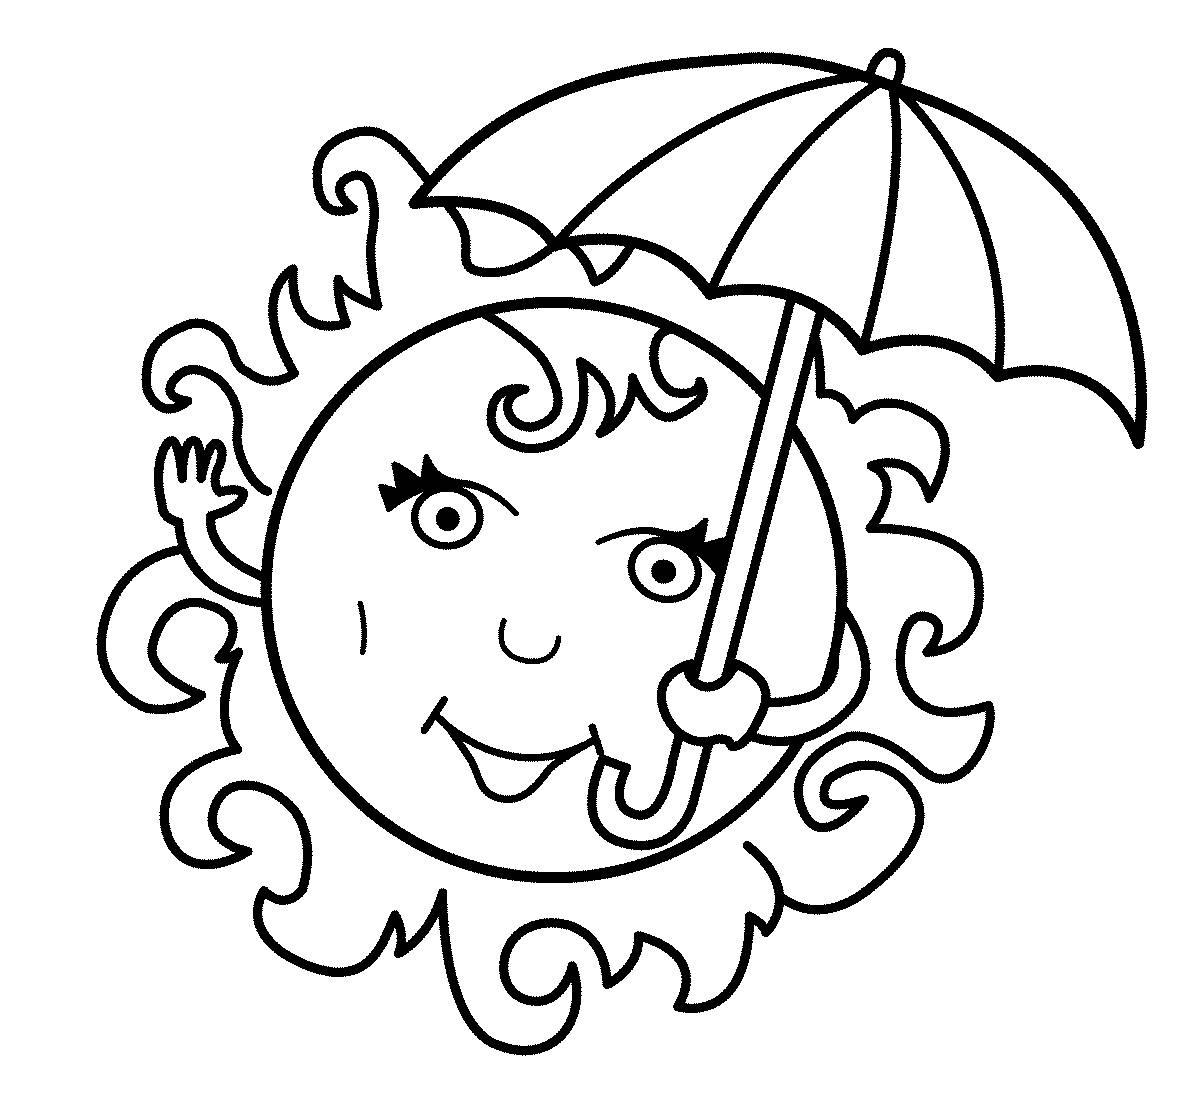 Солнце Раскраска яркое солнце под зонтом Раскраски распечатать